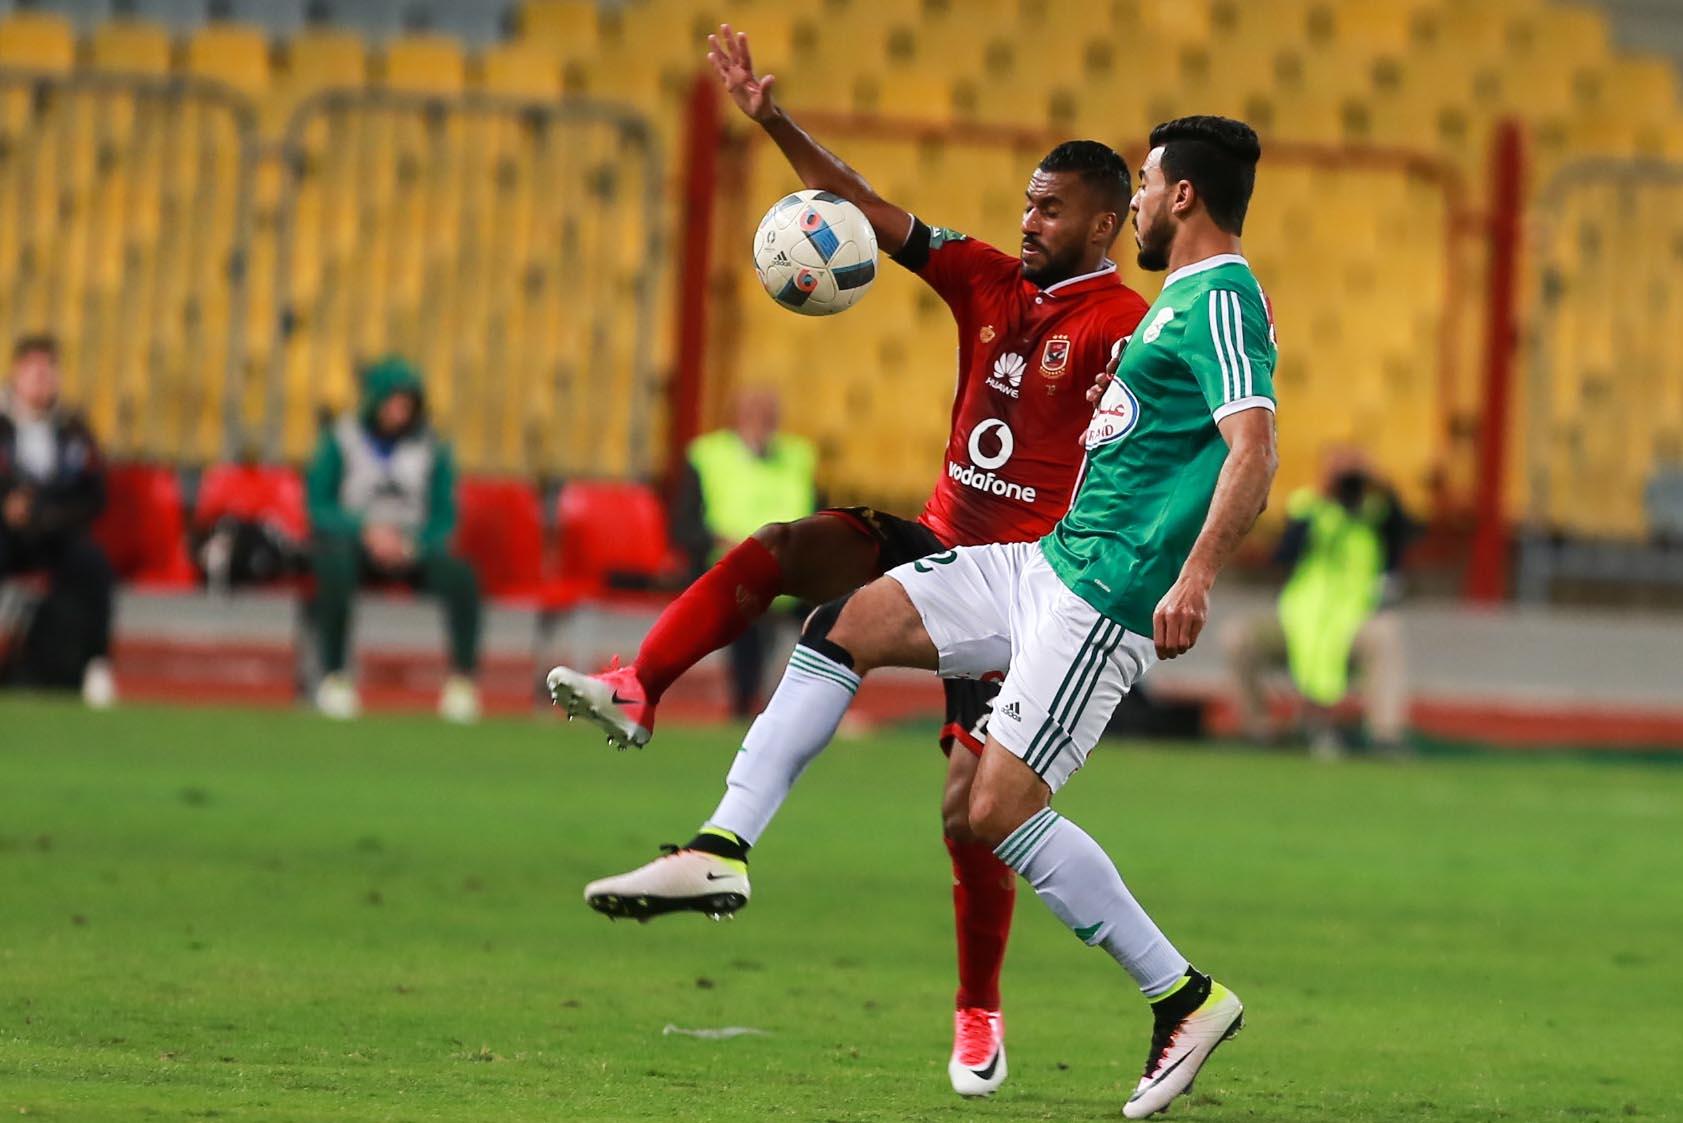 القنوات الناقلة للبطولة العربية للأندية